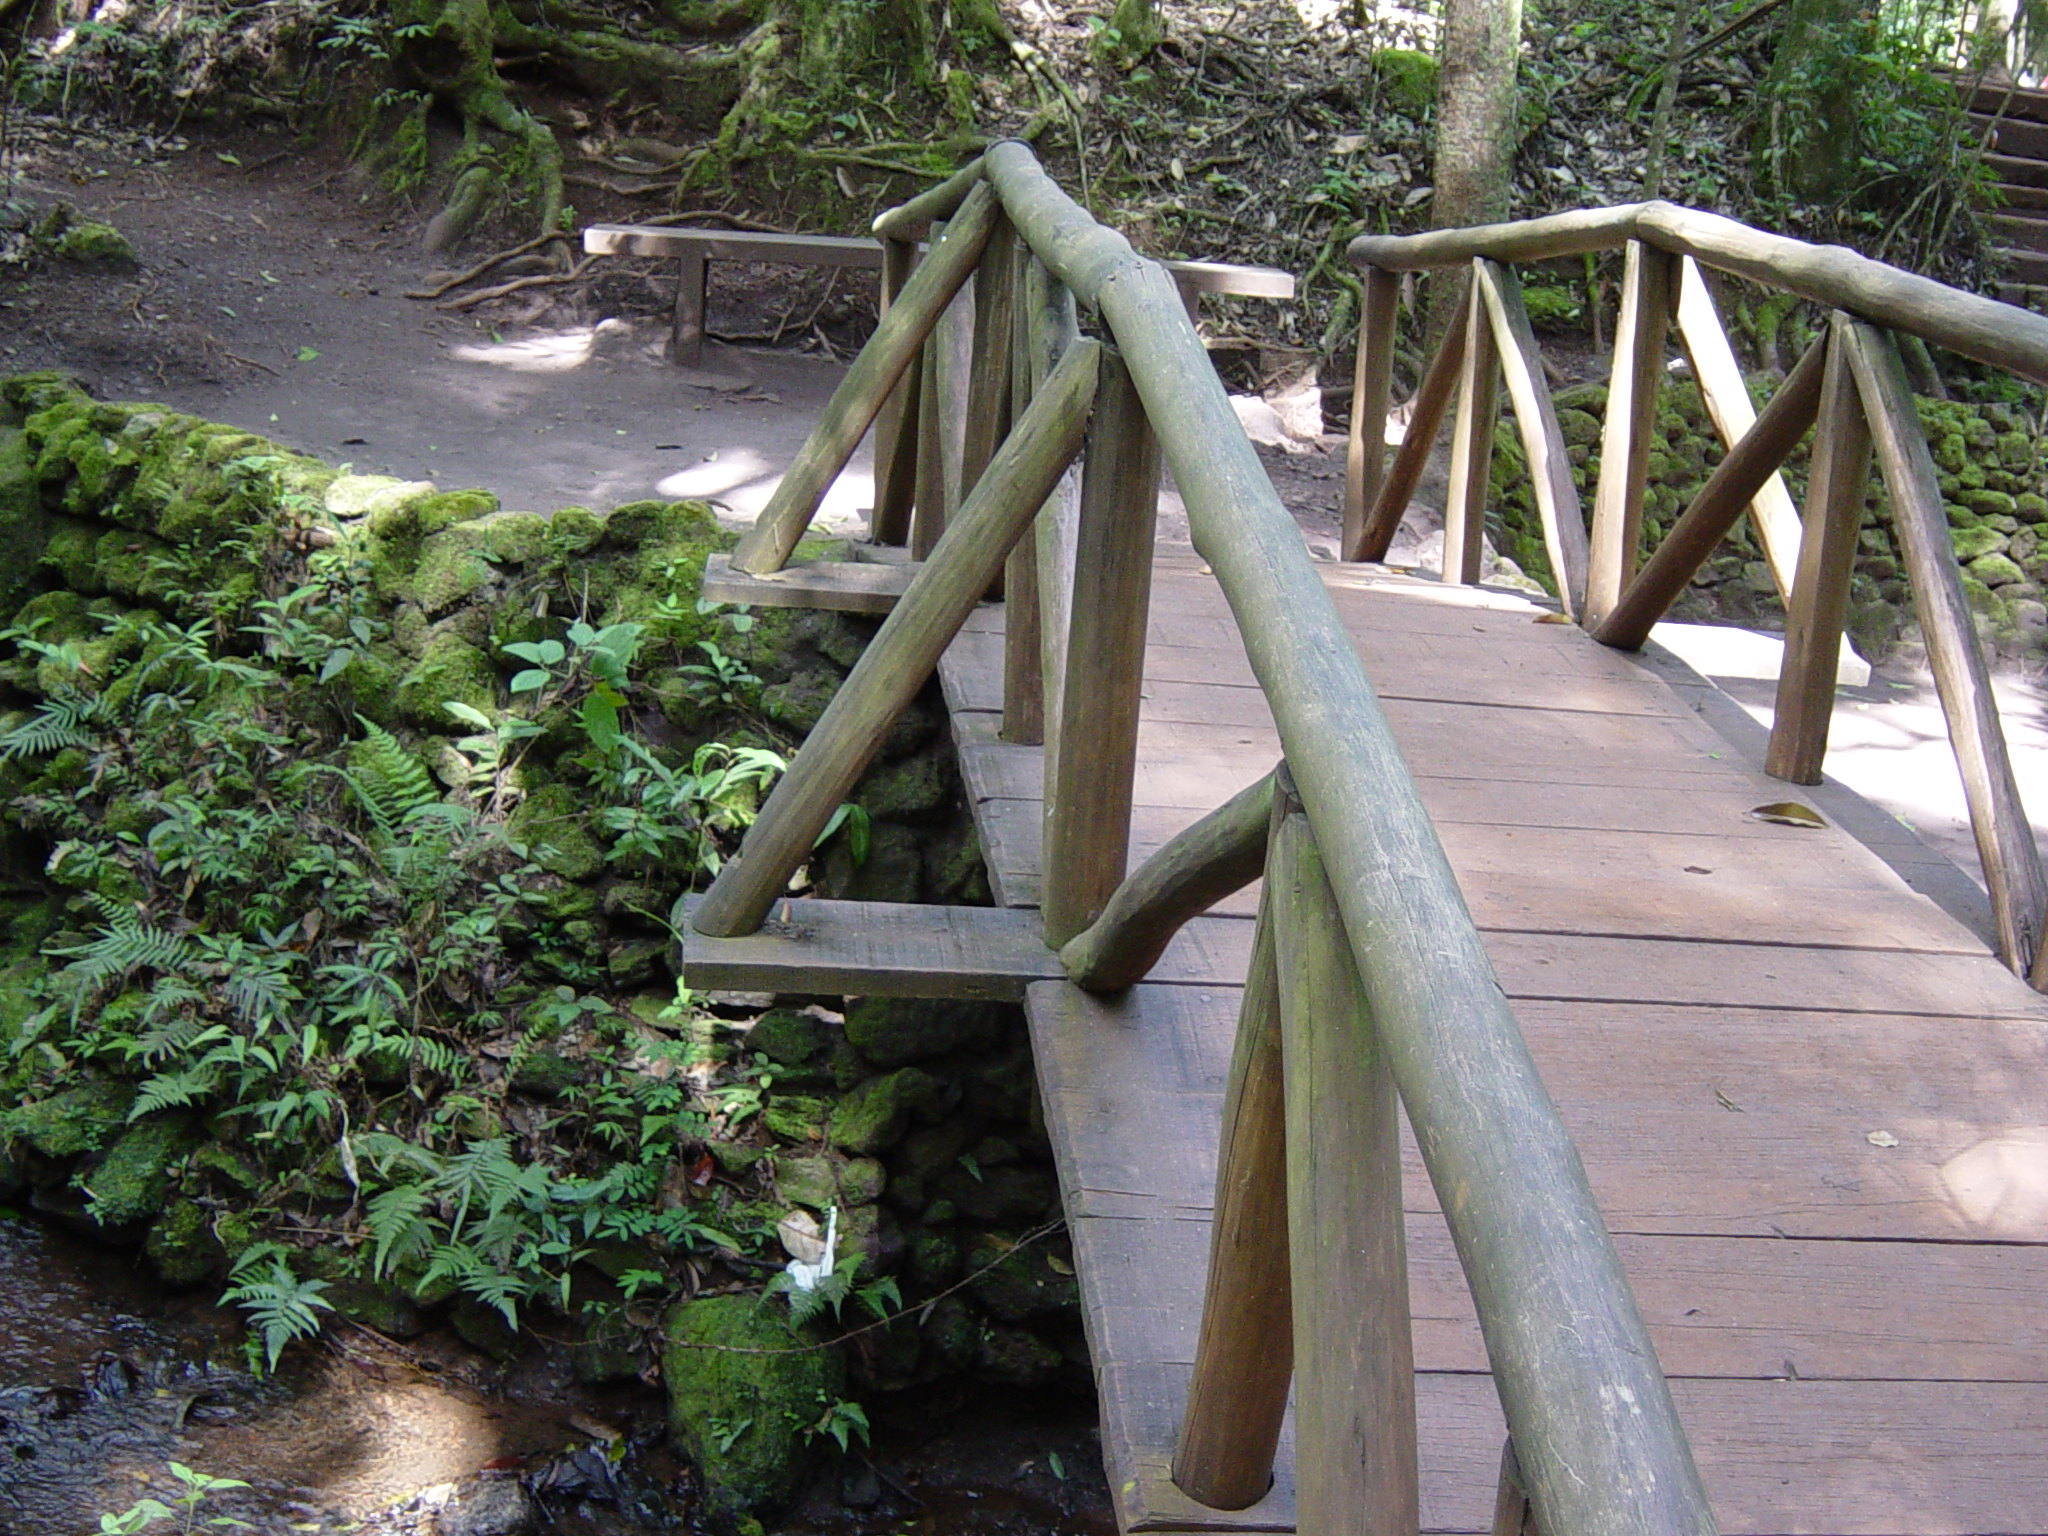 05 2005 ponte madeira suspensa (3)